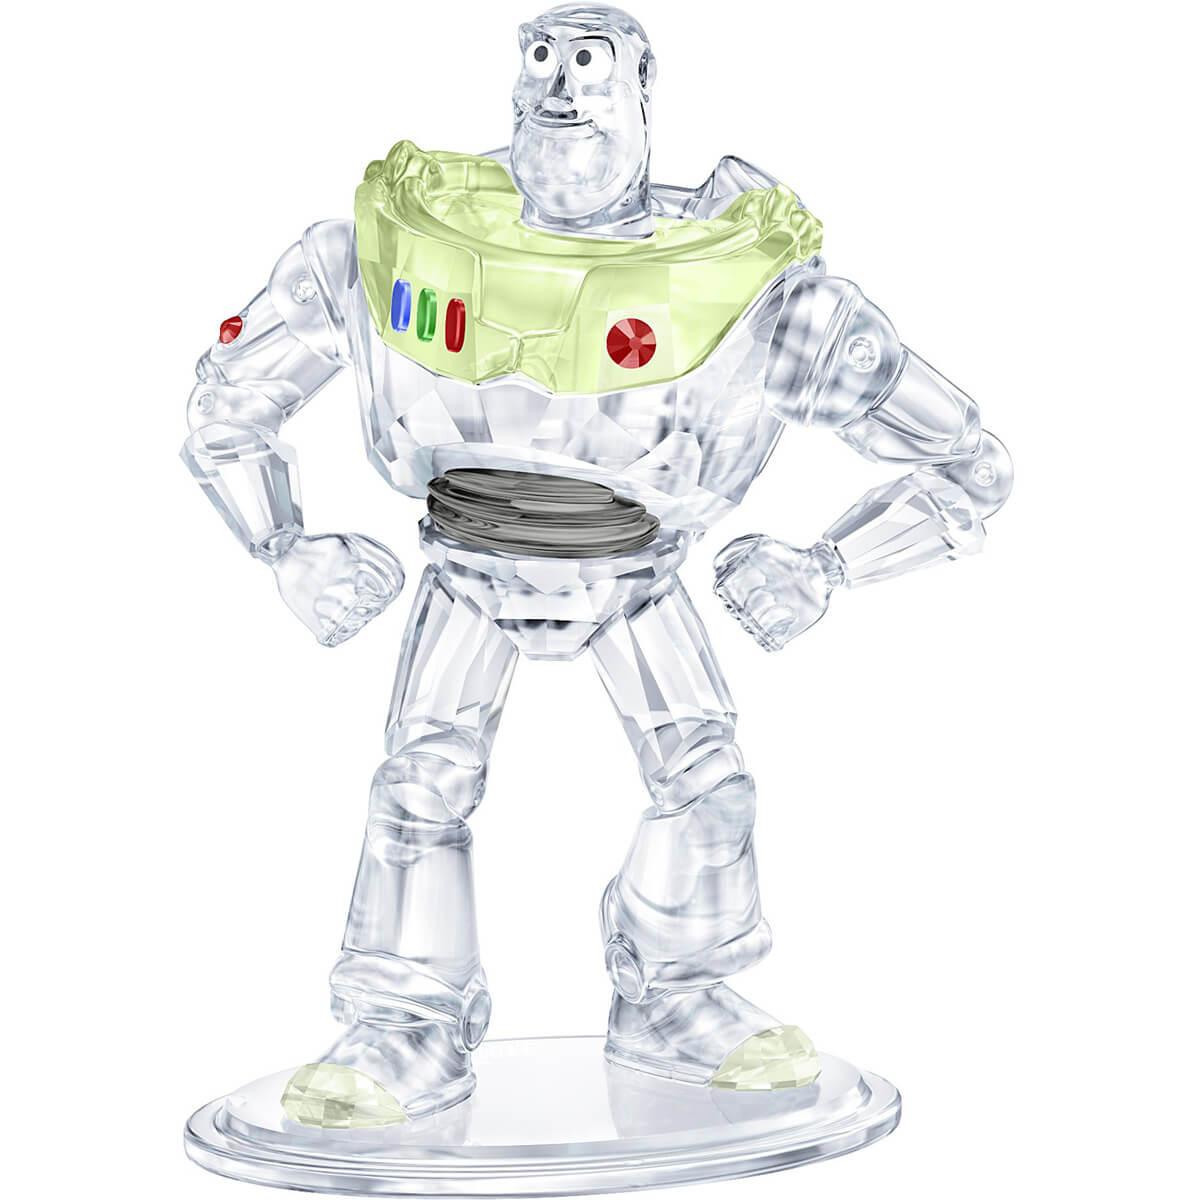 スワロフスキー(SWAROVSKI)トイ・ストーリー バズ・ライトイヤー/Disney Pixar's Toy Story/クリスタルオブジェ/スワロフスキー社製置物【あす楽対応_関東】【Disneyzone】